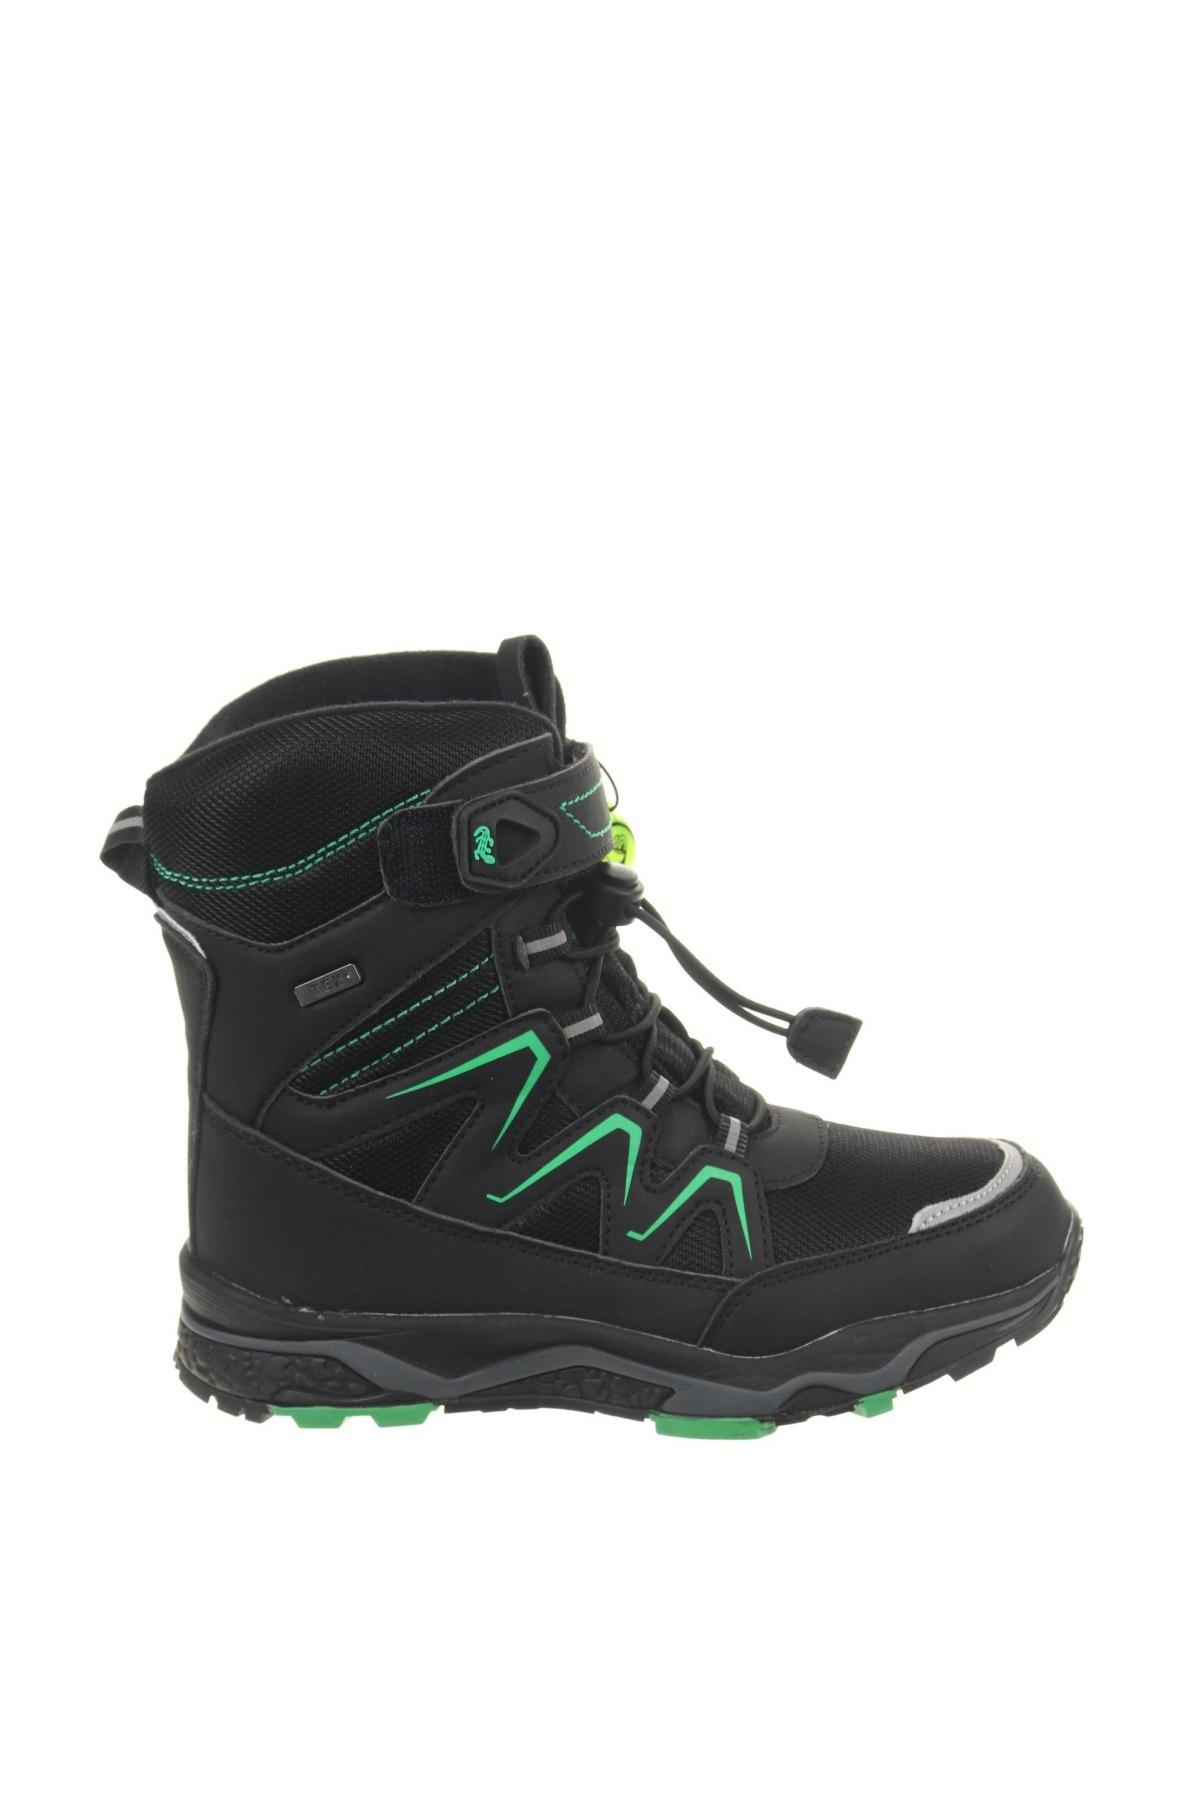 Παιδικά παπούτσια Lurchi, Μέγεθος 32, Χρώμα Μαύρο, Δερματίνη, κλωστοϋφαντουργικά προϊόντα, Τιμή 28,90€